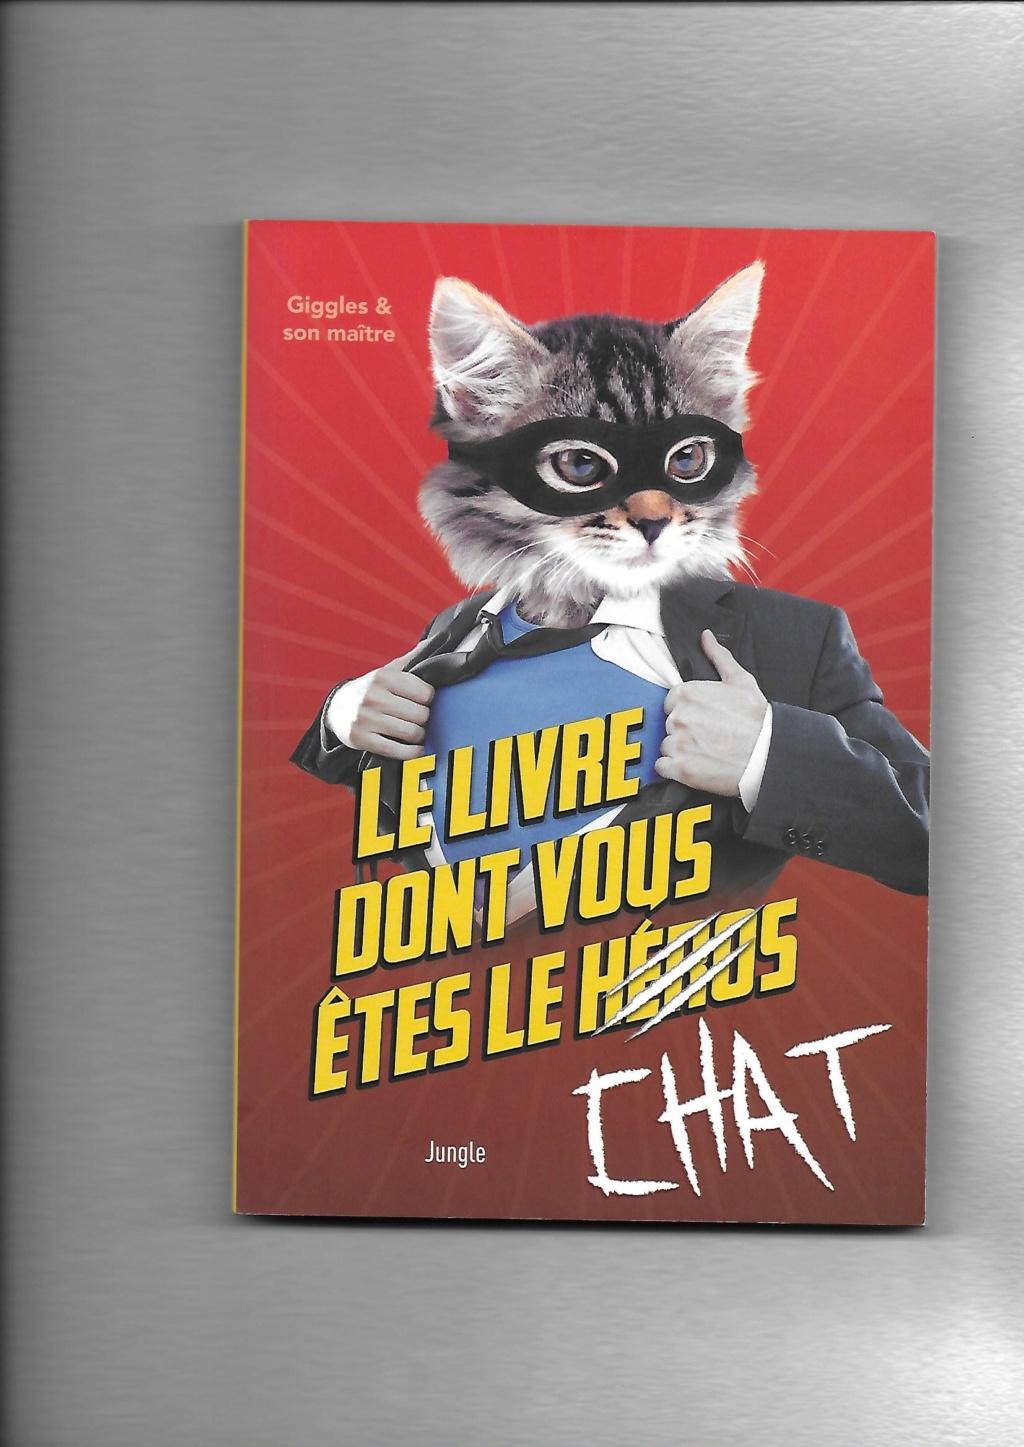 Le livre dont vous etes le chat Couver10